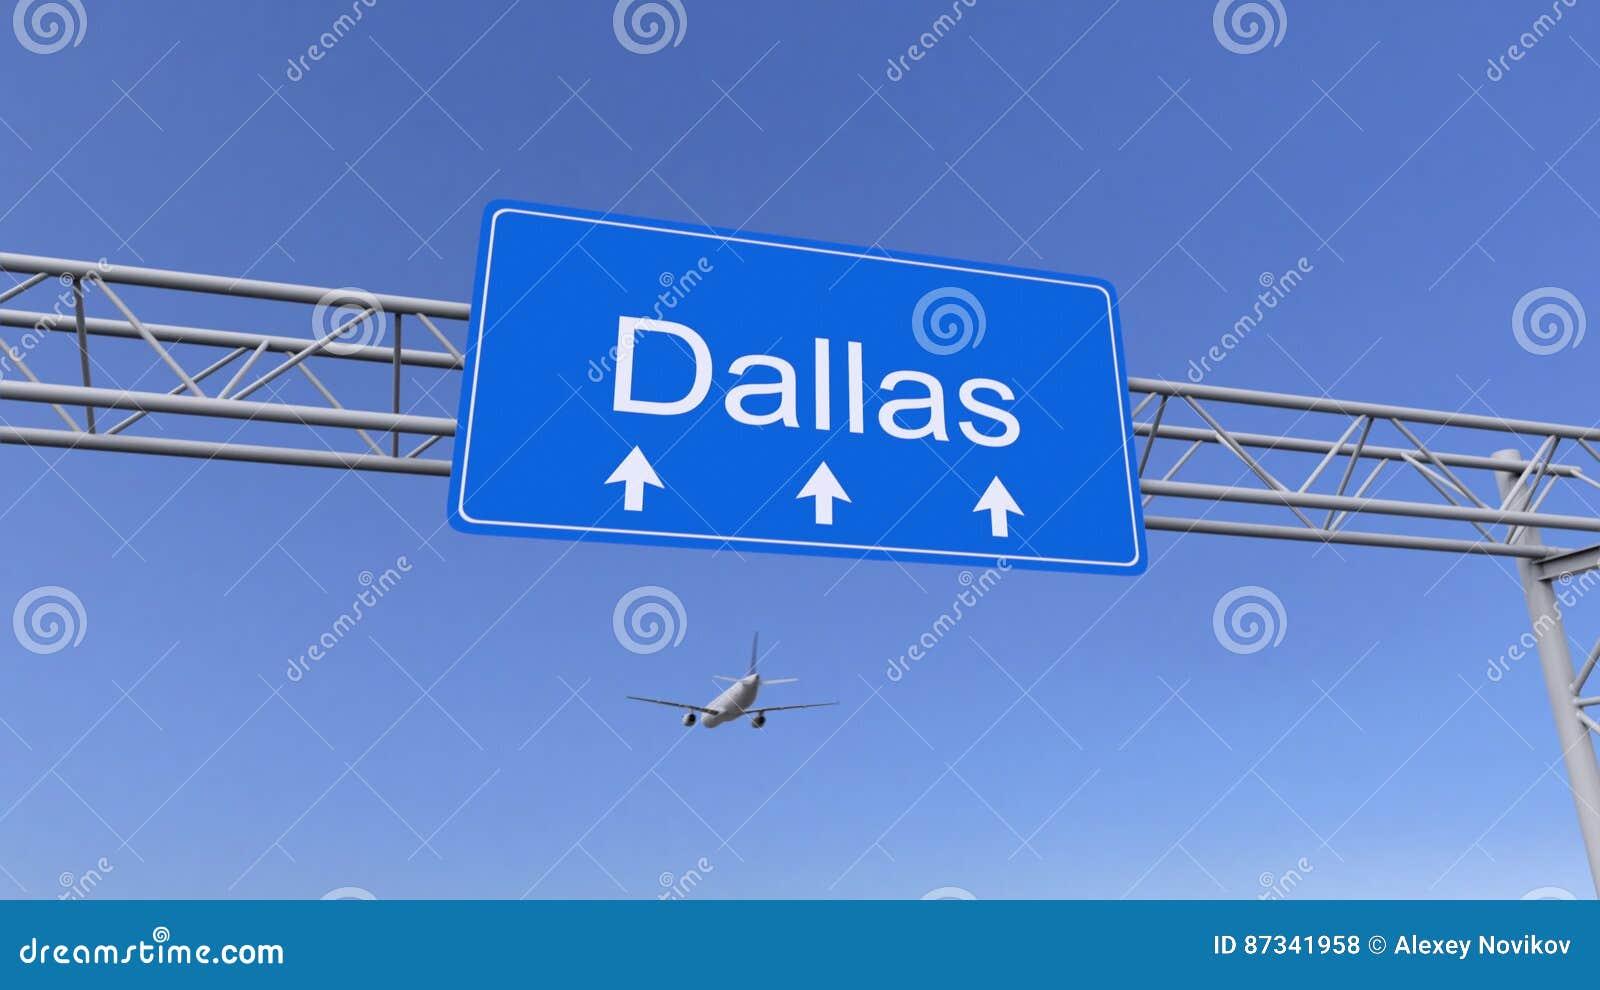 Aeroplano comercial que llega al aeropuerto de Dallas El viajar a la representación conceptual 3D de Estados Unidos